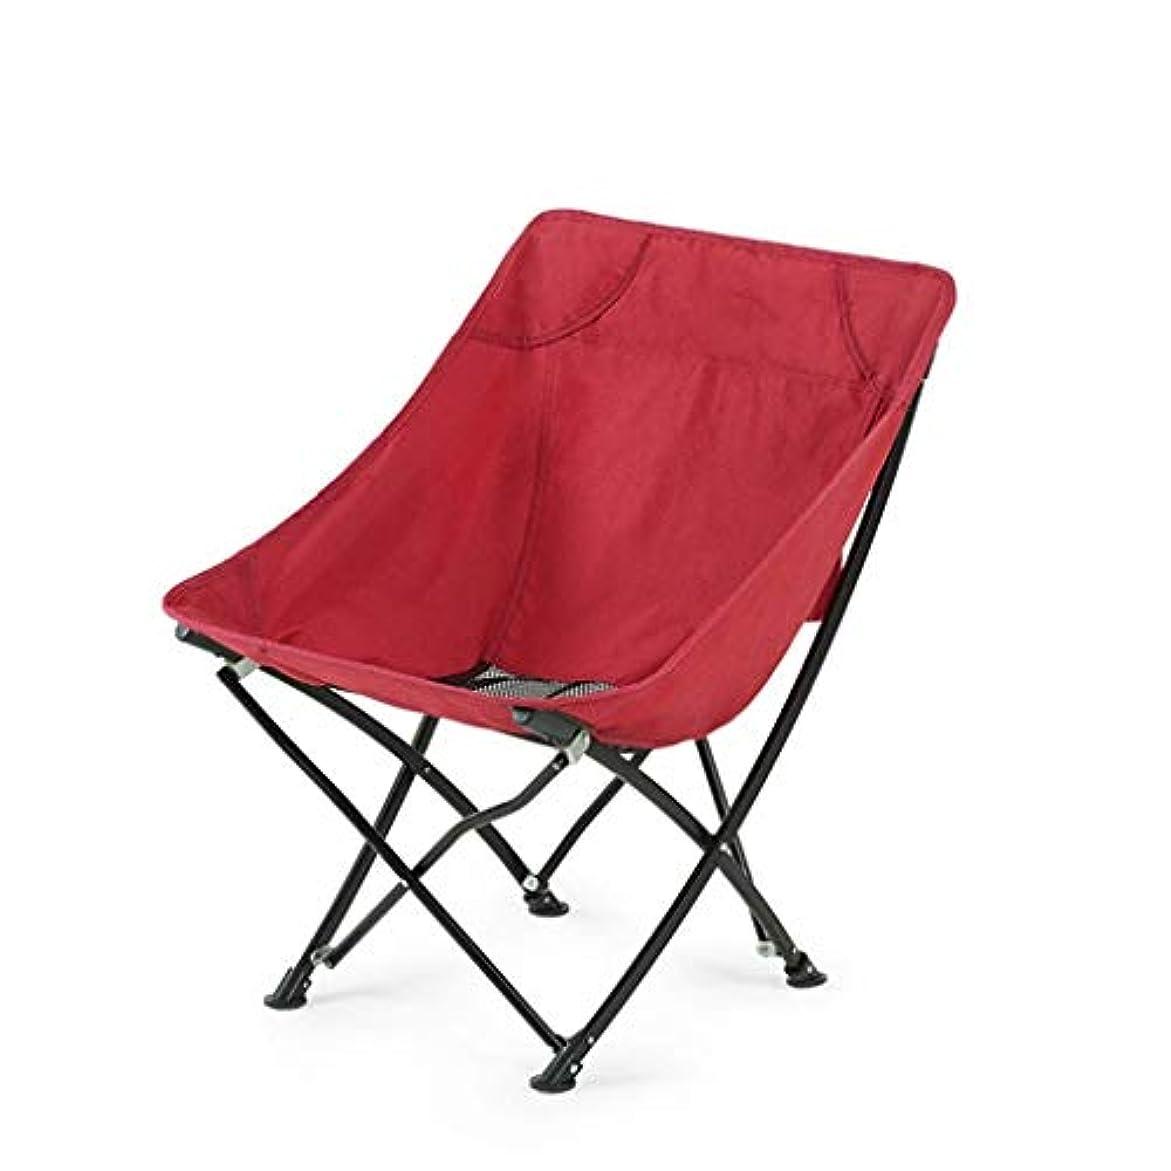 展示会ローン血統Yalztc-zyq16 キャンプチェア軽量ポータブル折りたたみスツールキャリーバッグ付き登山冒険ハイキング釣りビーチピクニックパーティーガーデニング (色 : 赤)